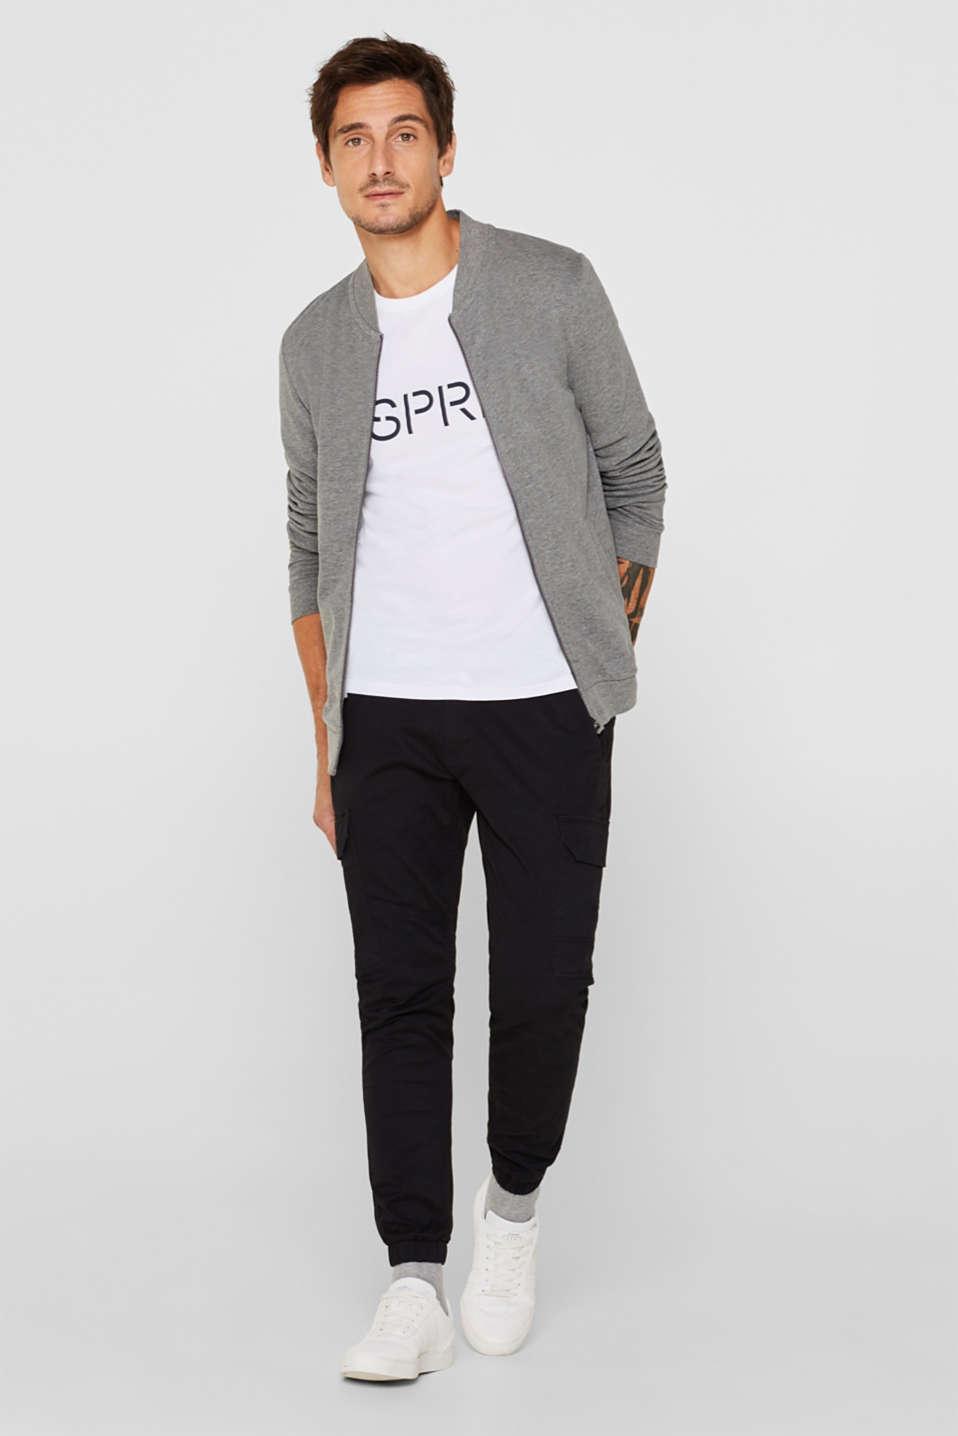 Cotton blend sweatshirt cardigan, MEDIUM GREY, detail image number 1